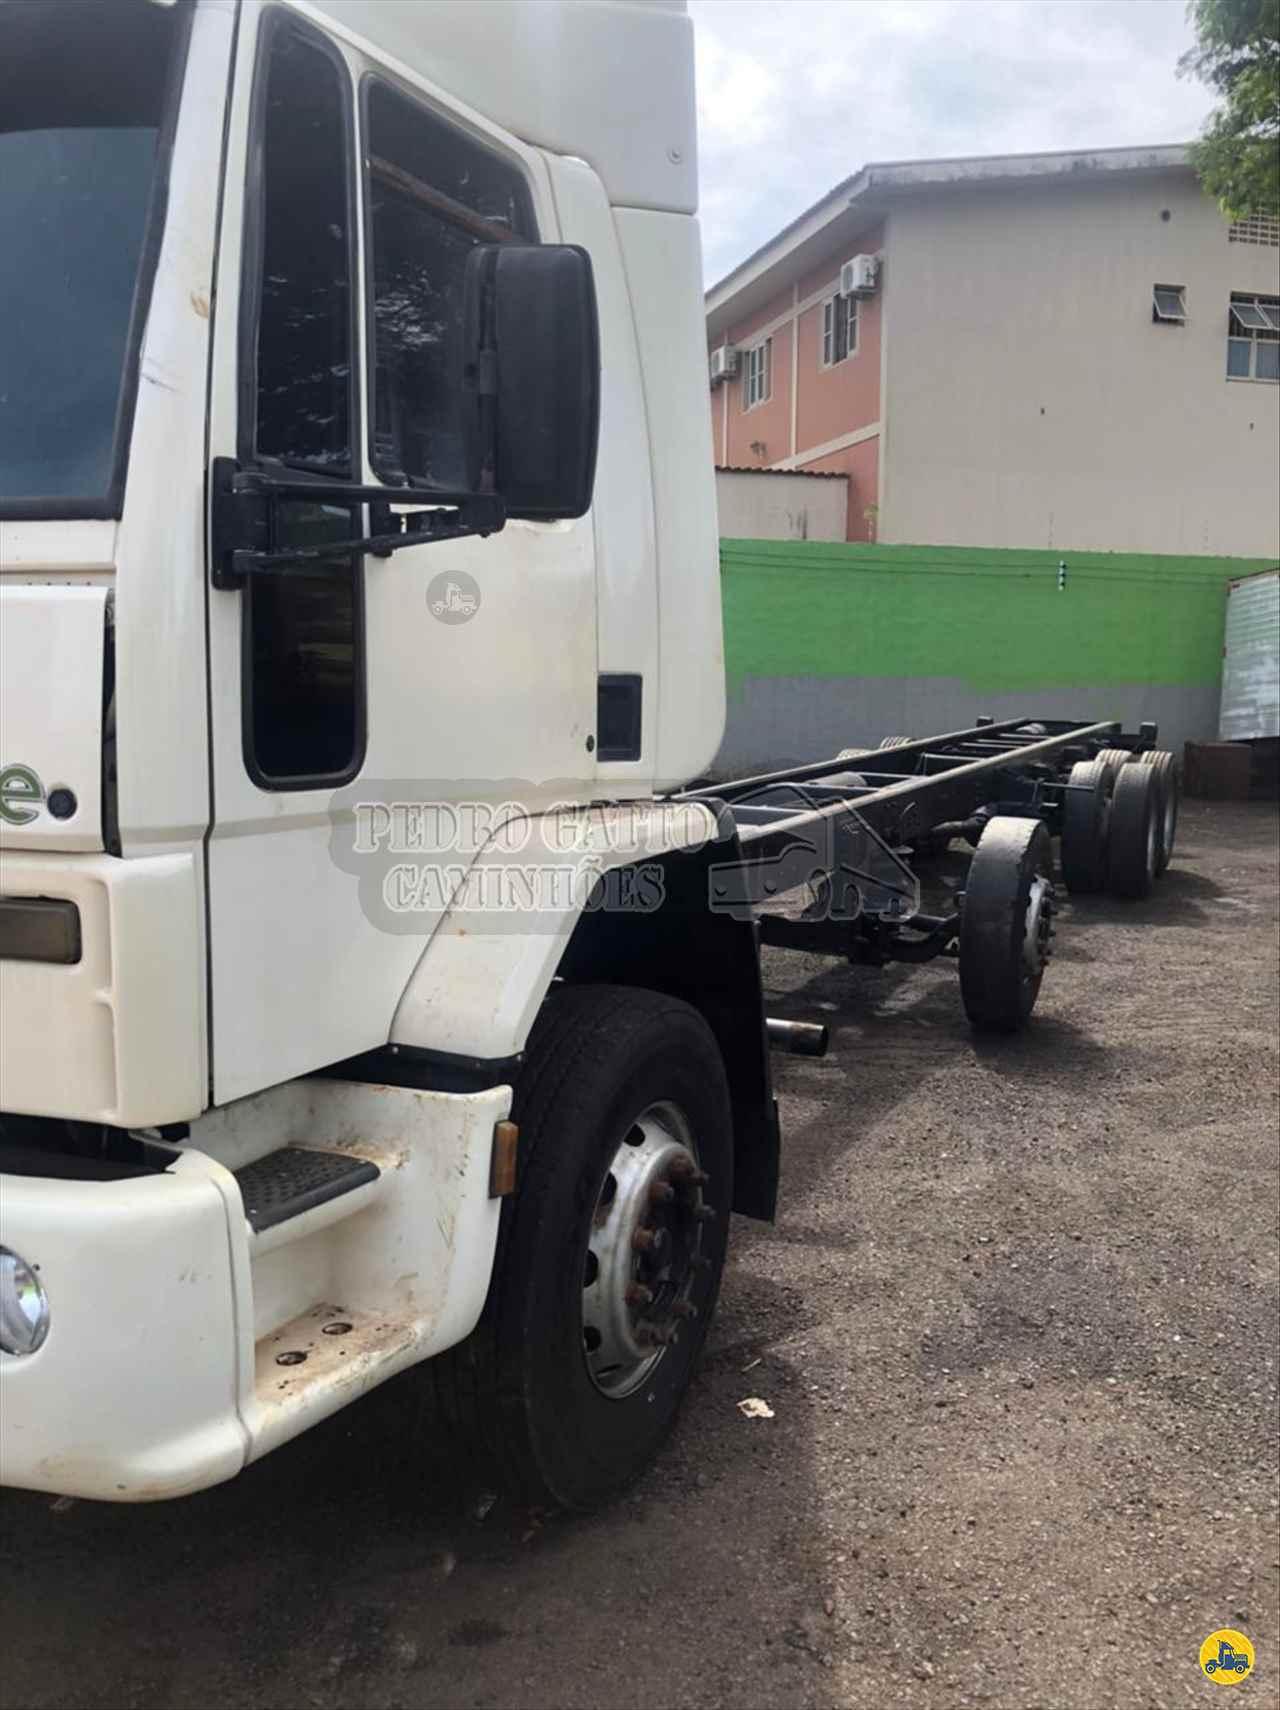 CAMINHAO FORD CARGO 2428 Chassis Toco 4x2 Pedro Gatto Caminhões MARINGA PARANÁ PR